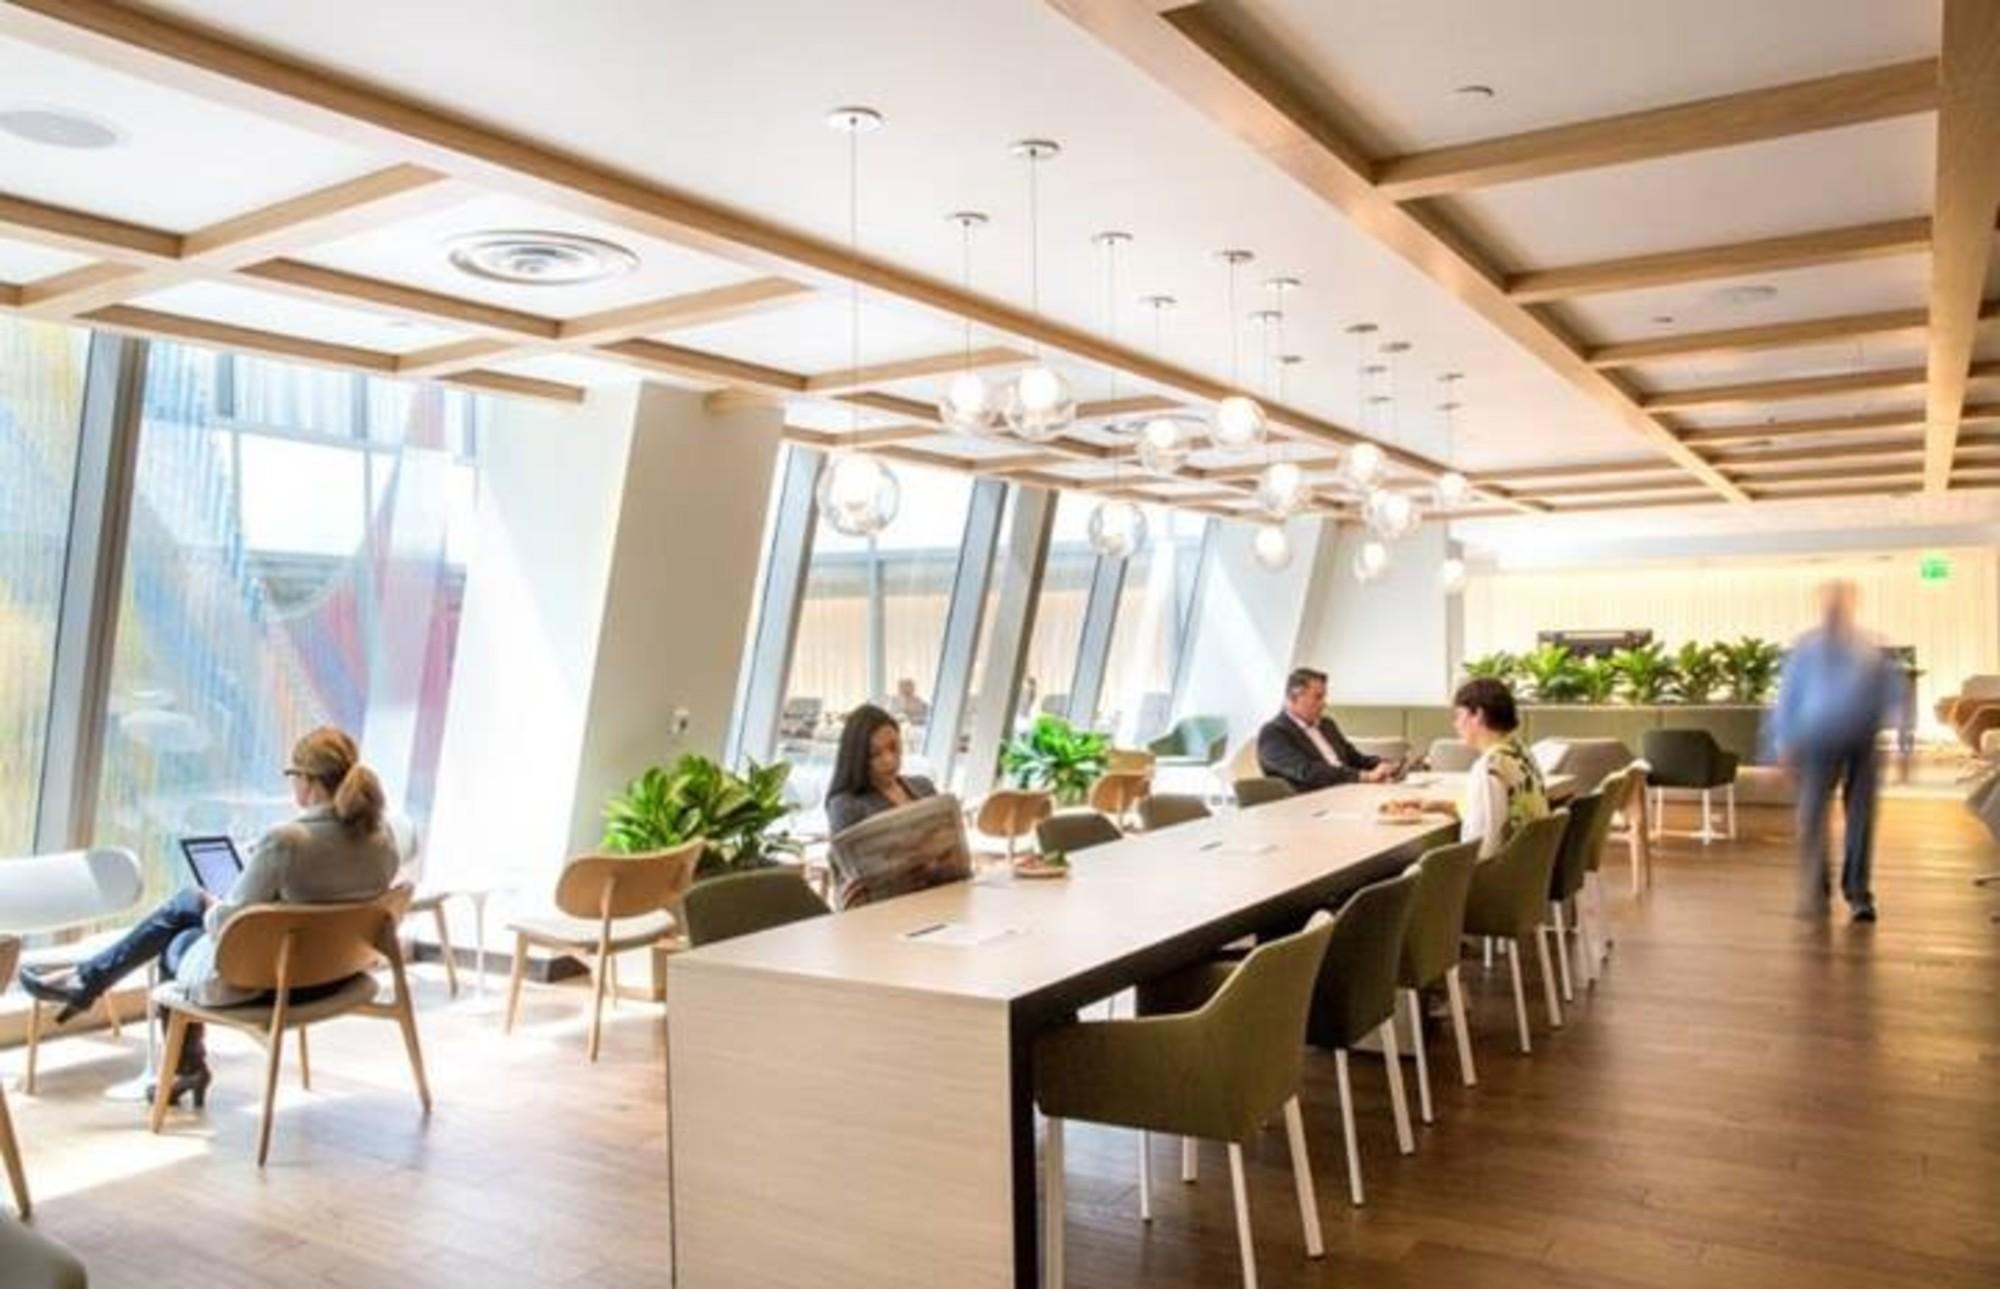 Lax Oneworld International Business Lounge Reviews